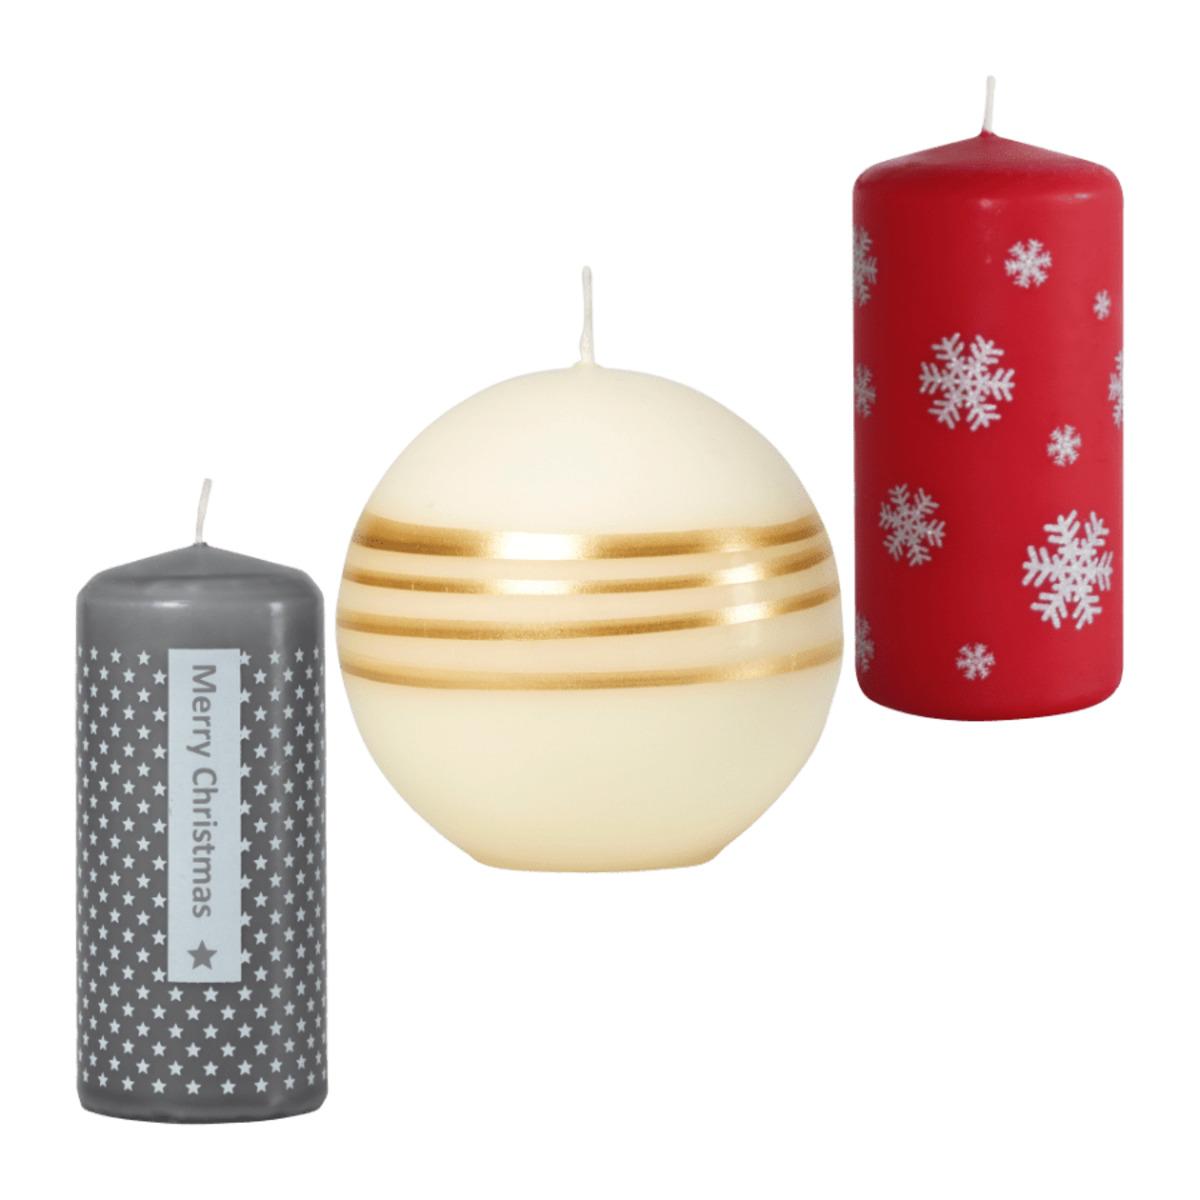 """Bild 1 von LIVING ART     Kerze(n) """"Weihnachten"""""""